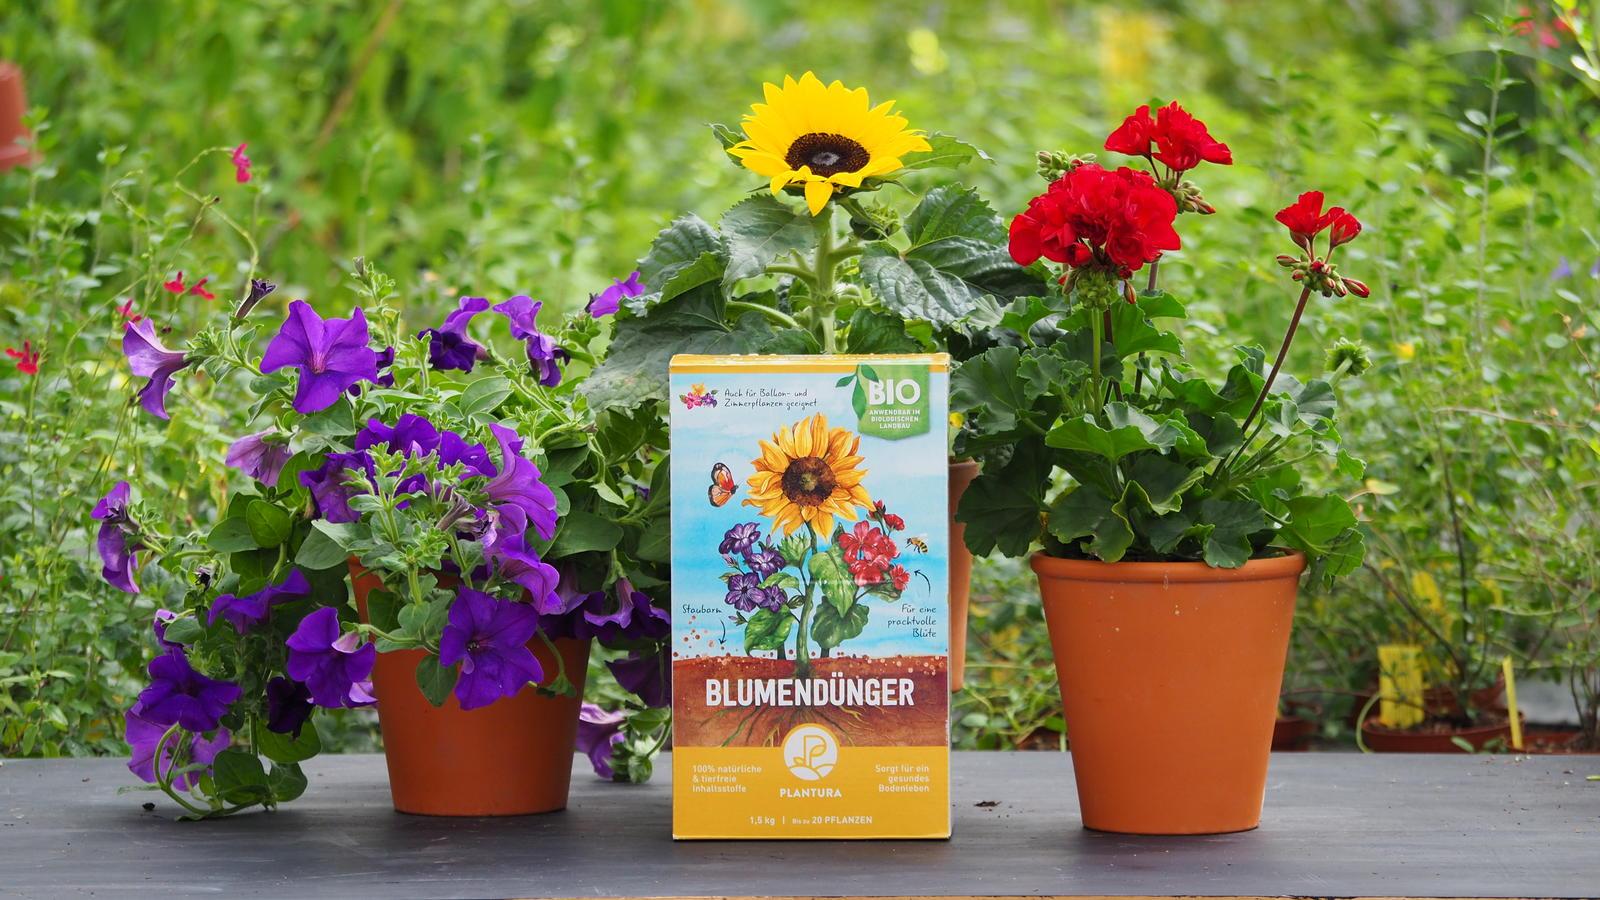 Top Hibiskus-Hecke: Tipps zu Sortenwahl, Pflanzung & Pflege - Plantura FG39